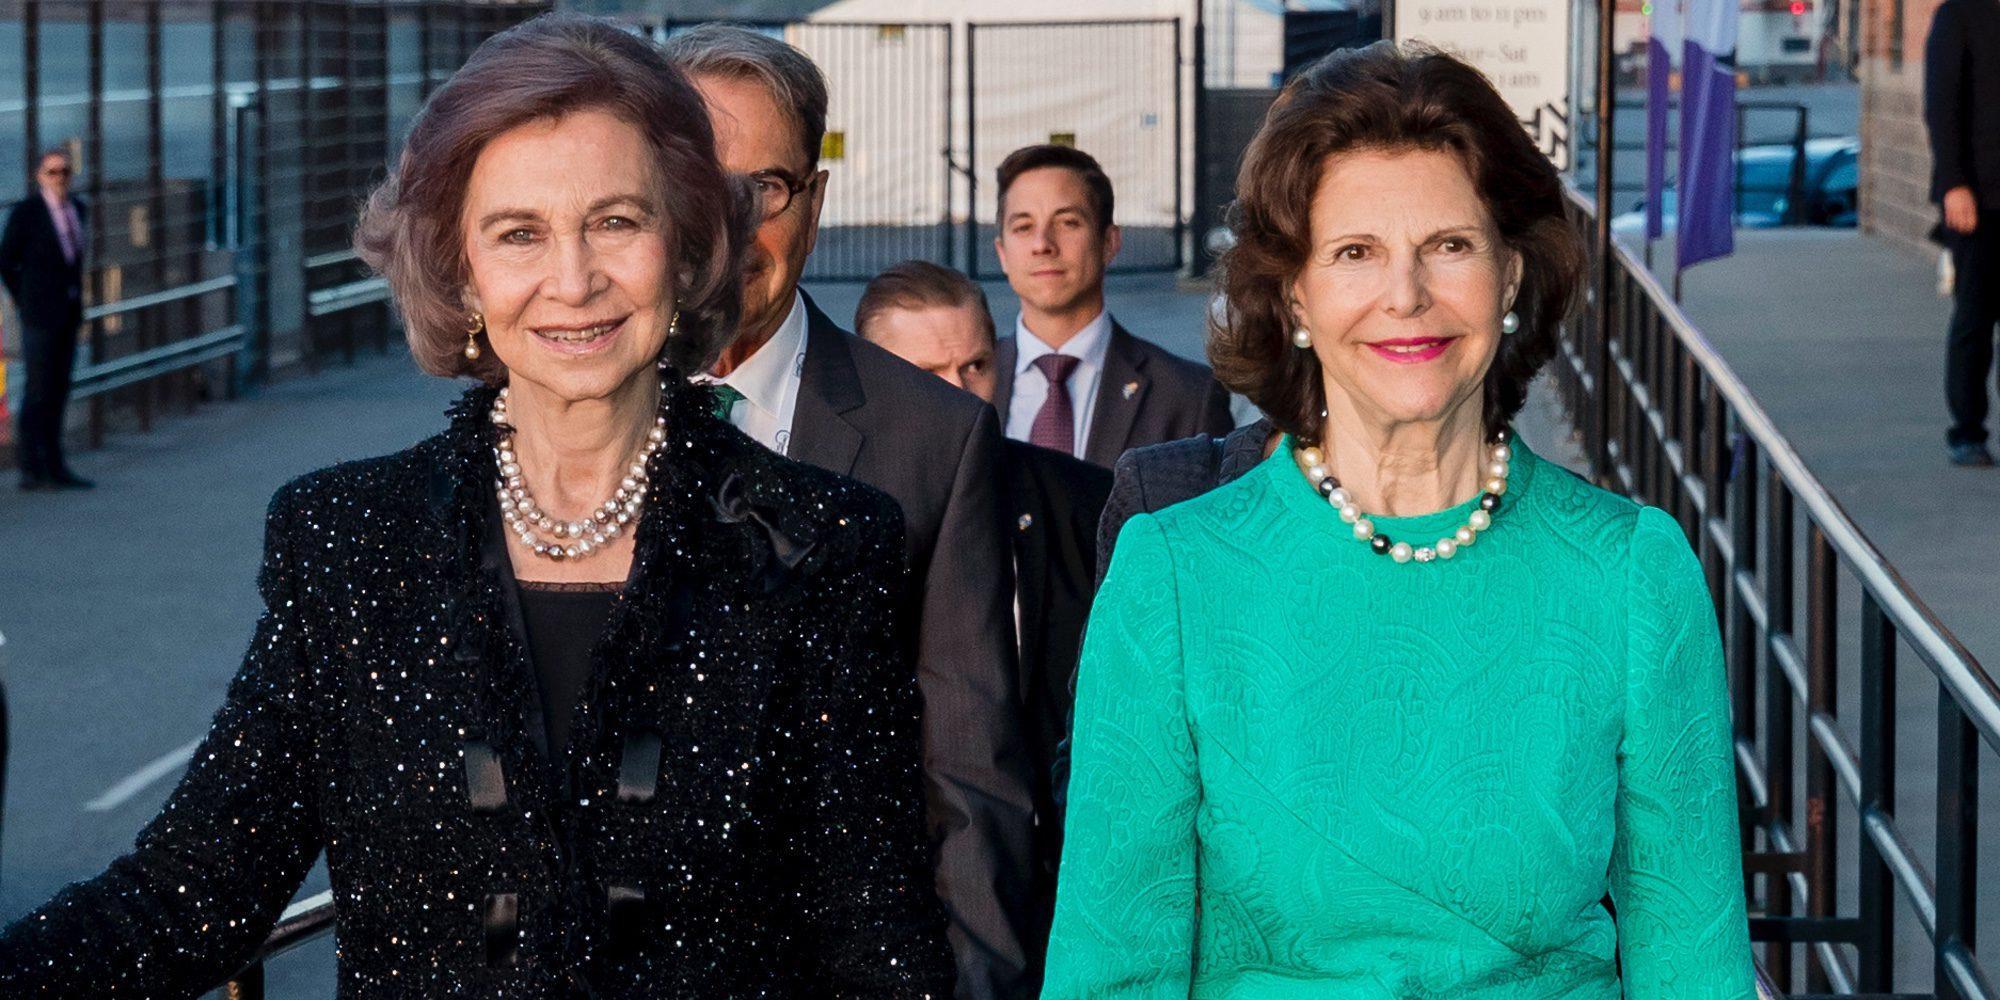 La Reina Sofía se divierte con Silvia de Suecia mientras el Rey Juan Carlos se va a los toros